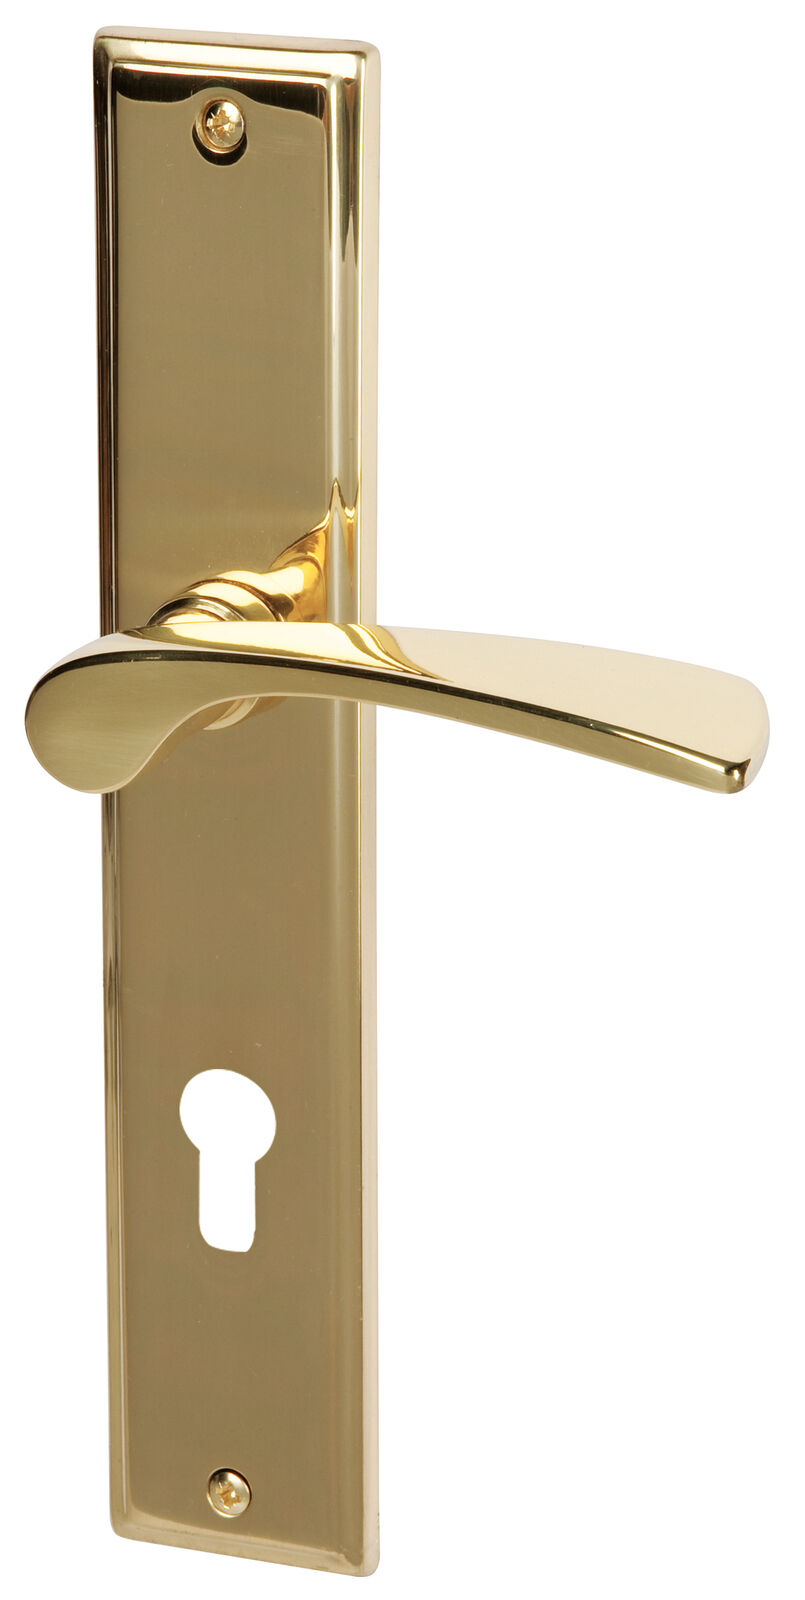 Südmetall Türbeschlag Türbeschlag Türbeschlag Nelson Messing poliert für W-Eingangstüren 32215853 | Modernes Design  a62413